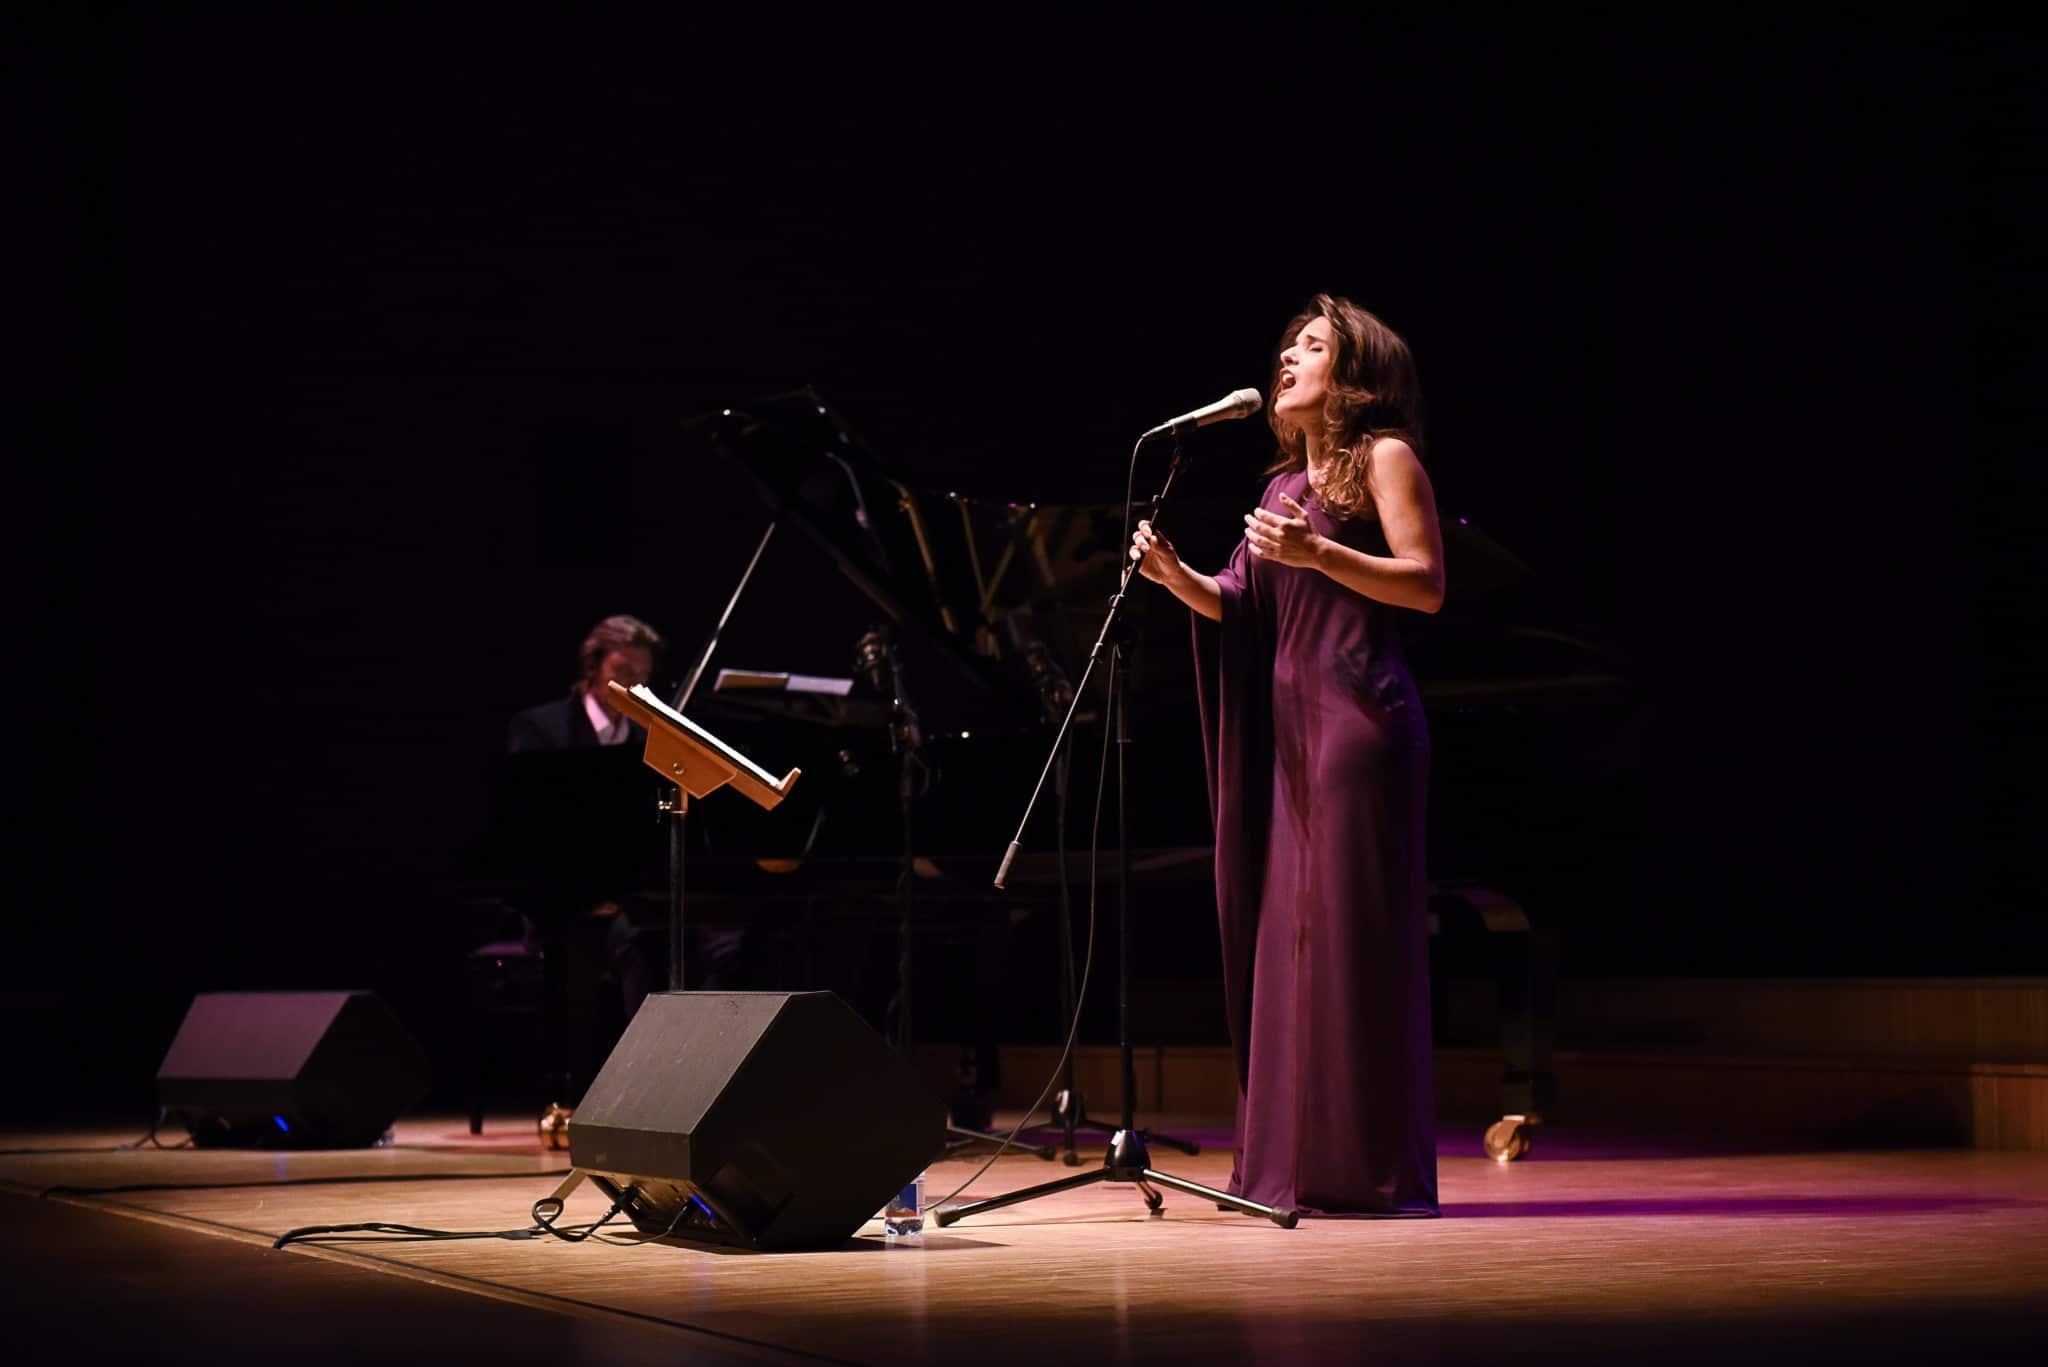 shooting-photo-lausanne-photographe-concert-evenement-02